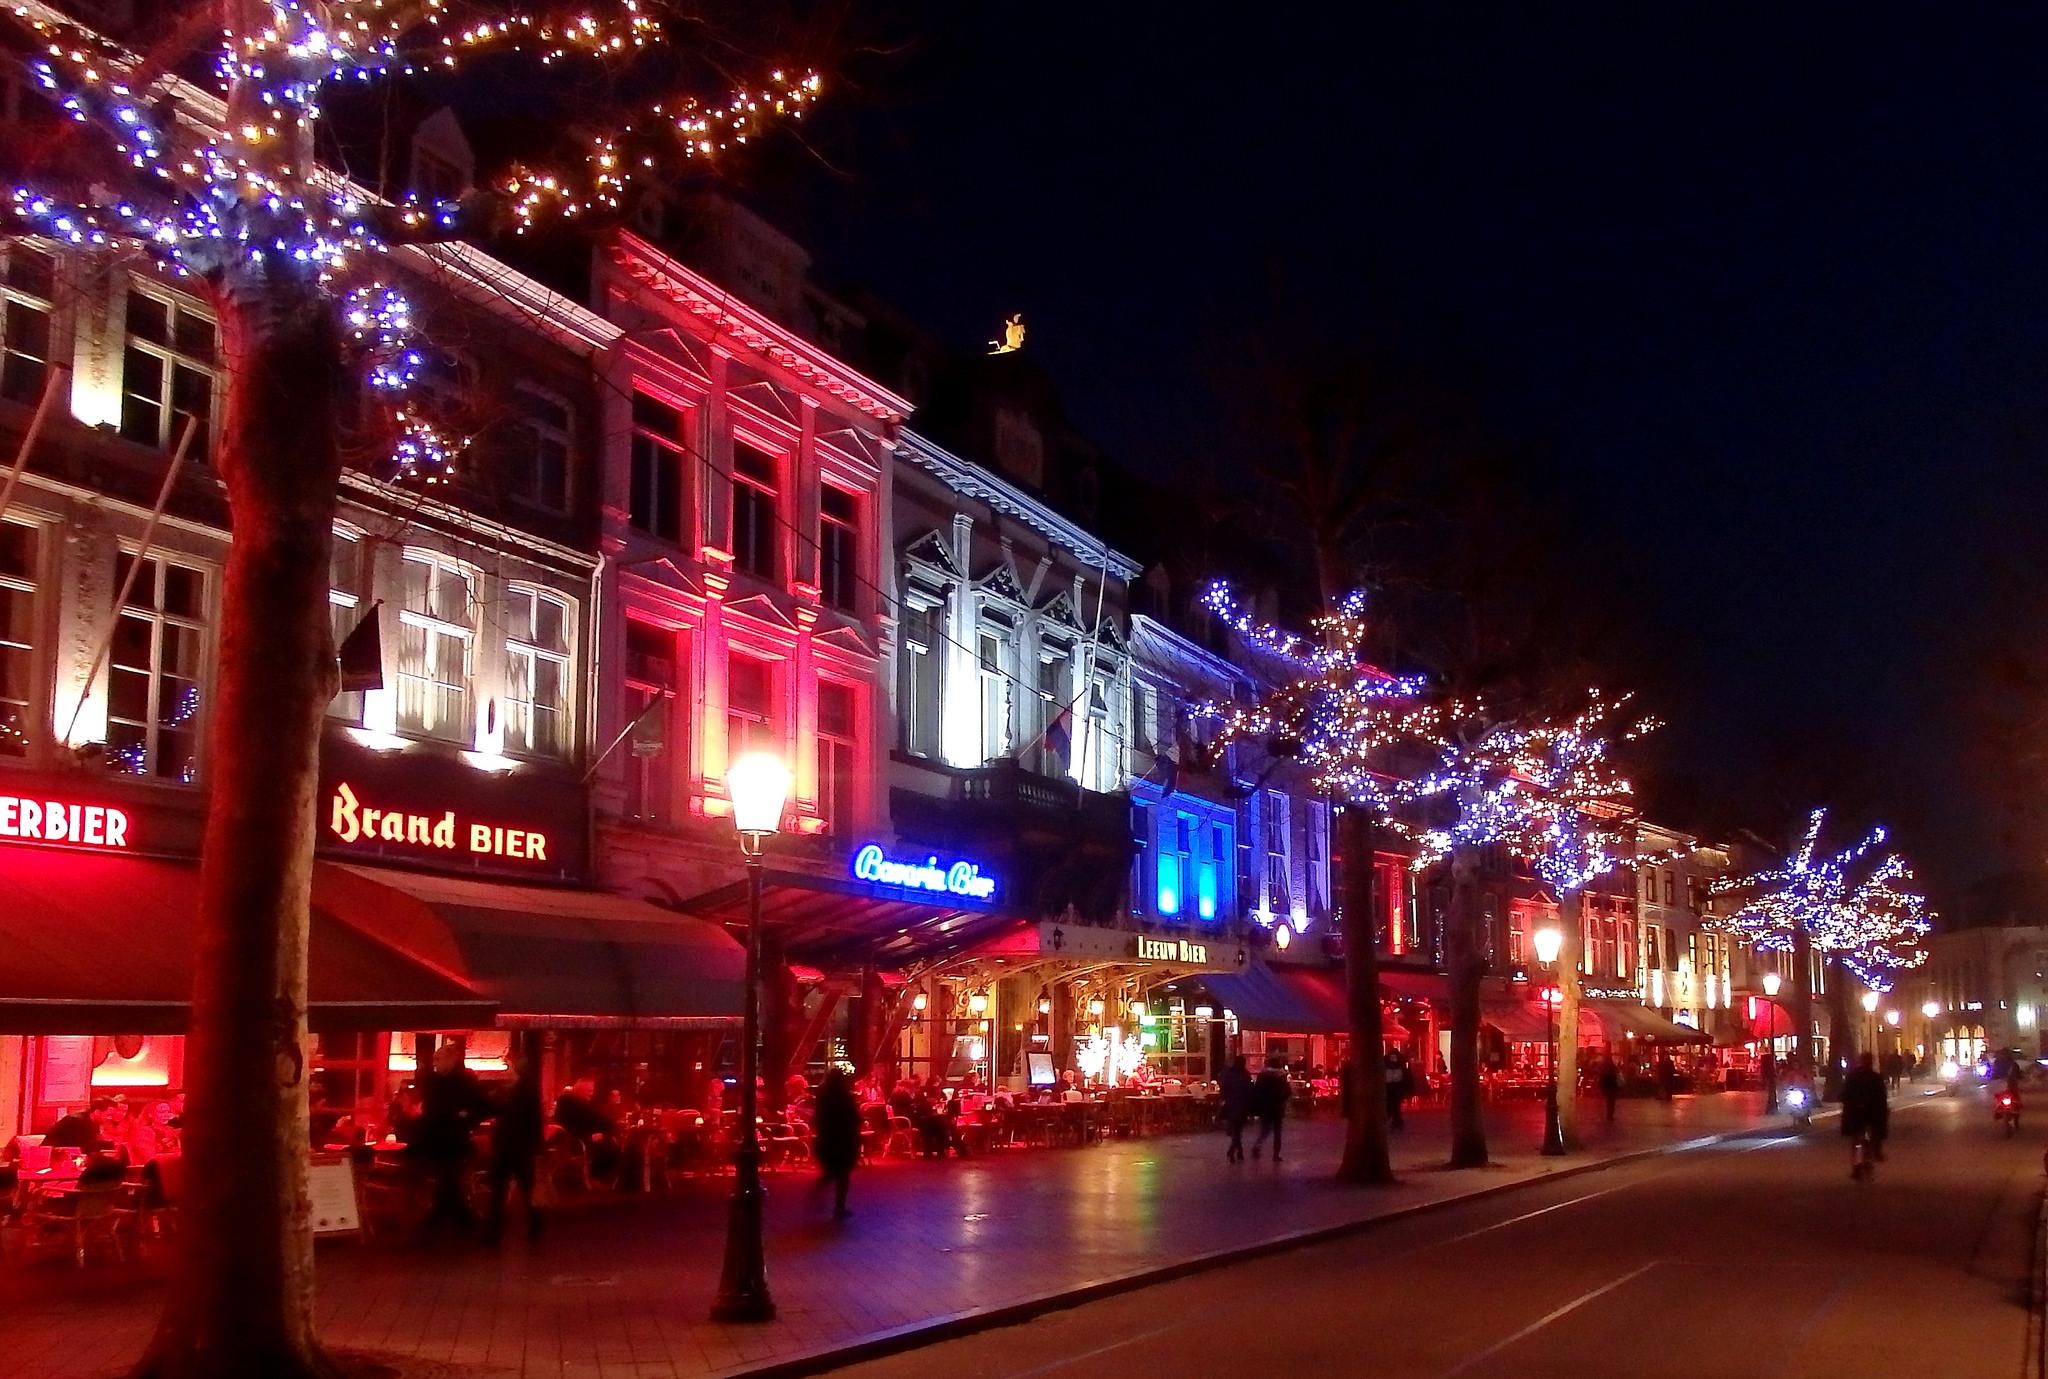 Romantische Nacht in Maastricht